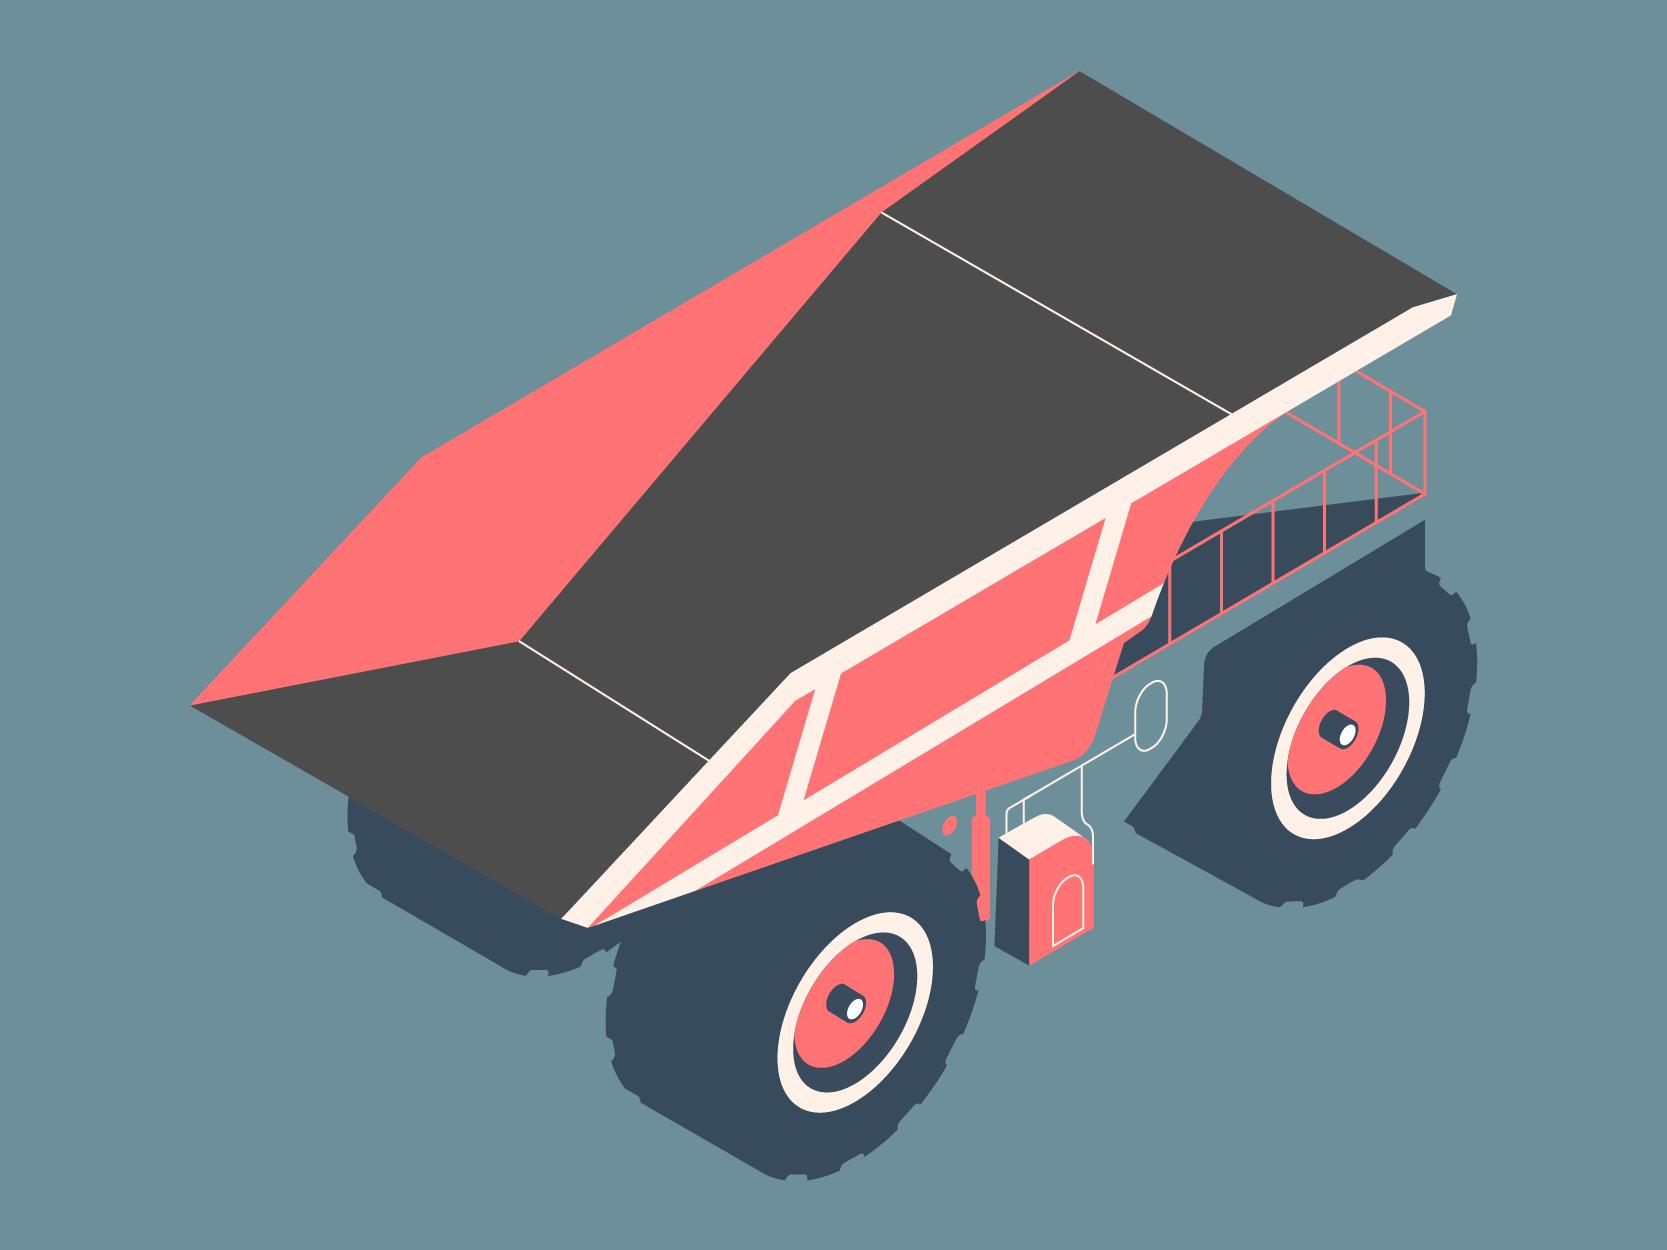 Iot hero truck 01